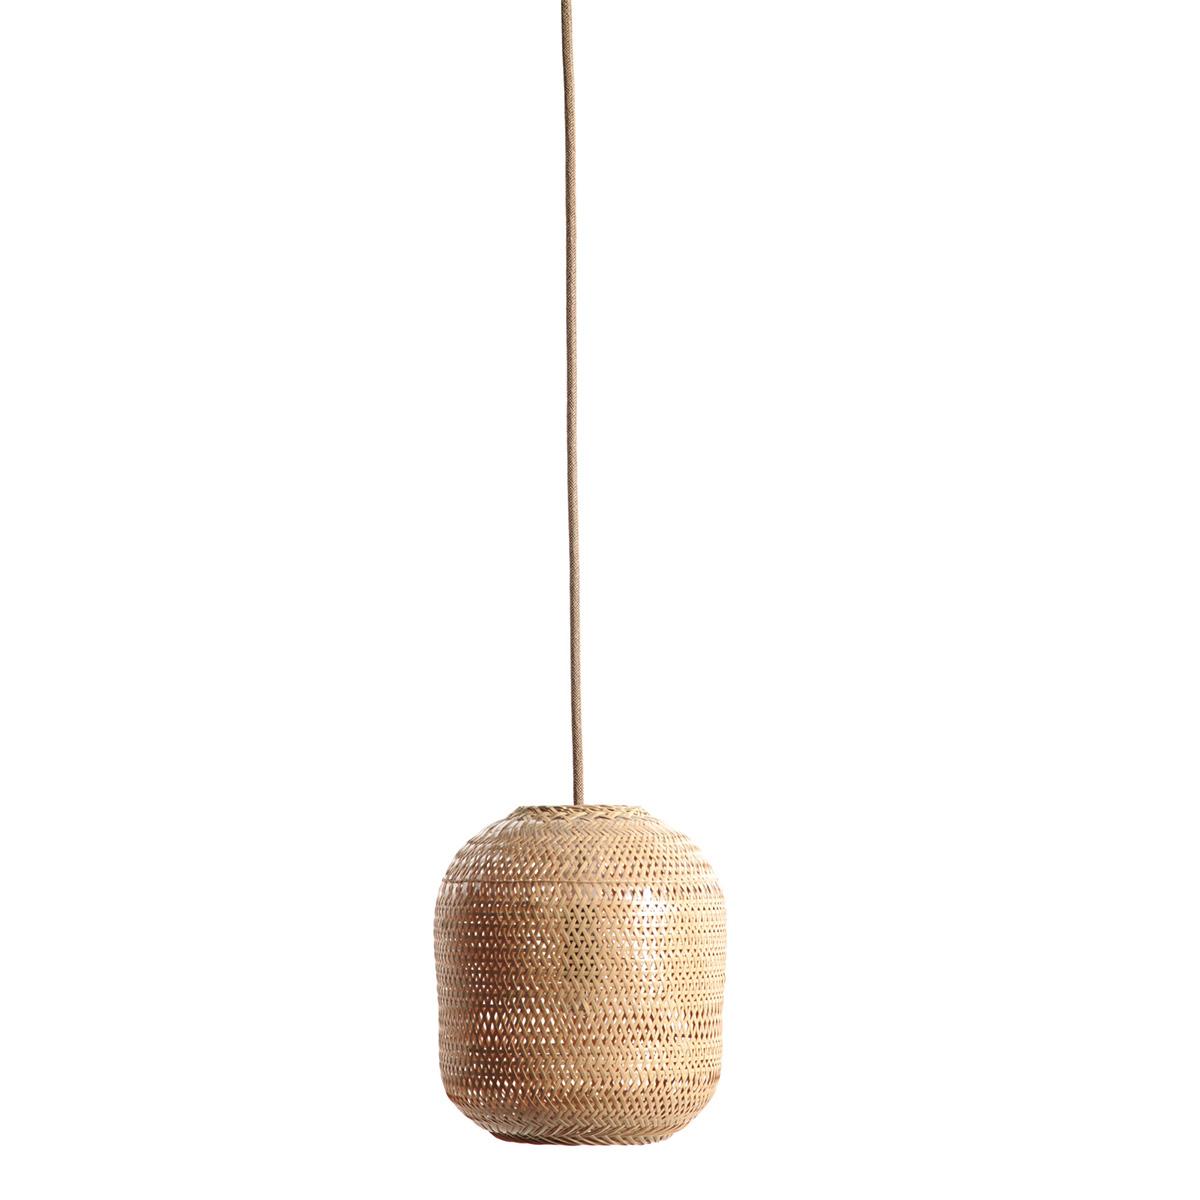 05-pet-lamp-kyoto-hideaki-hosokawa-alvaro-catalan-ocon